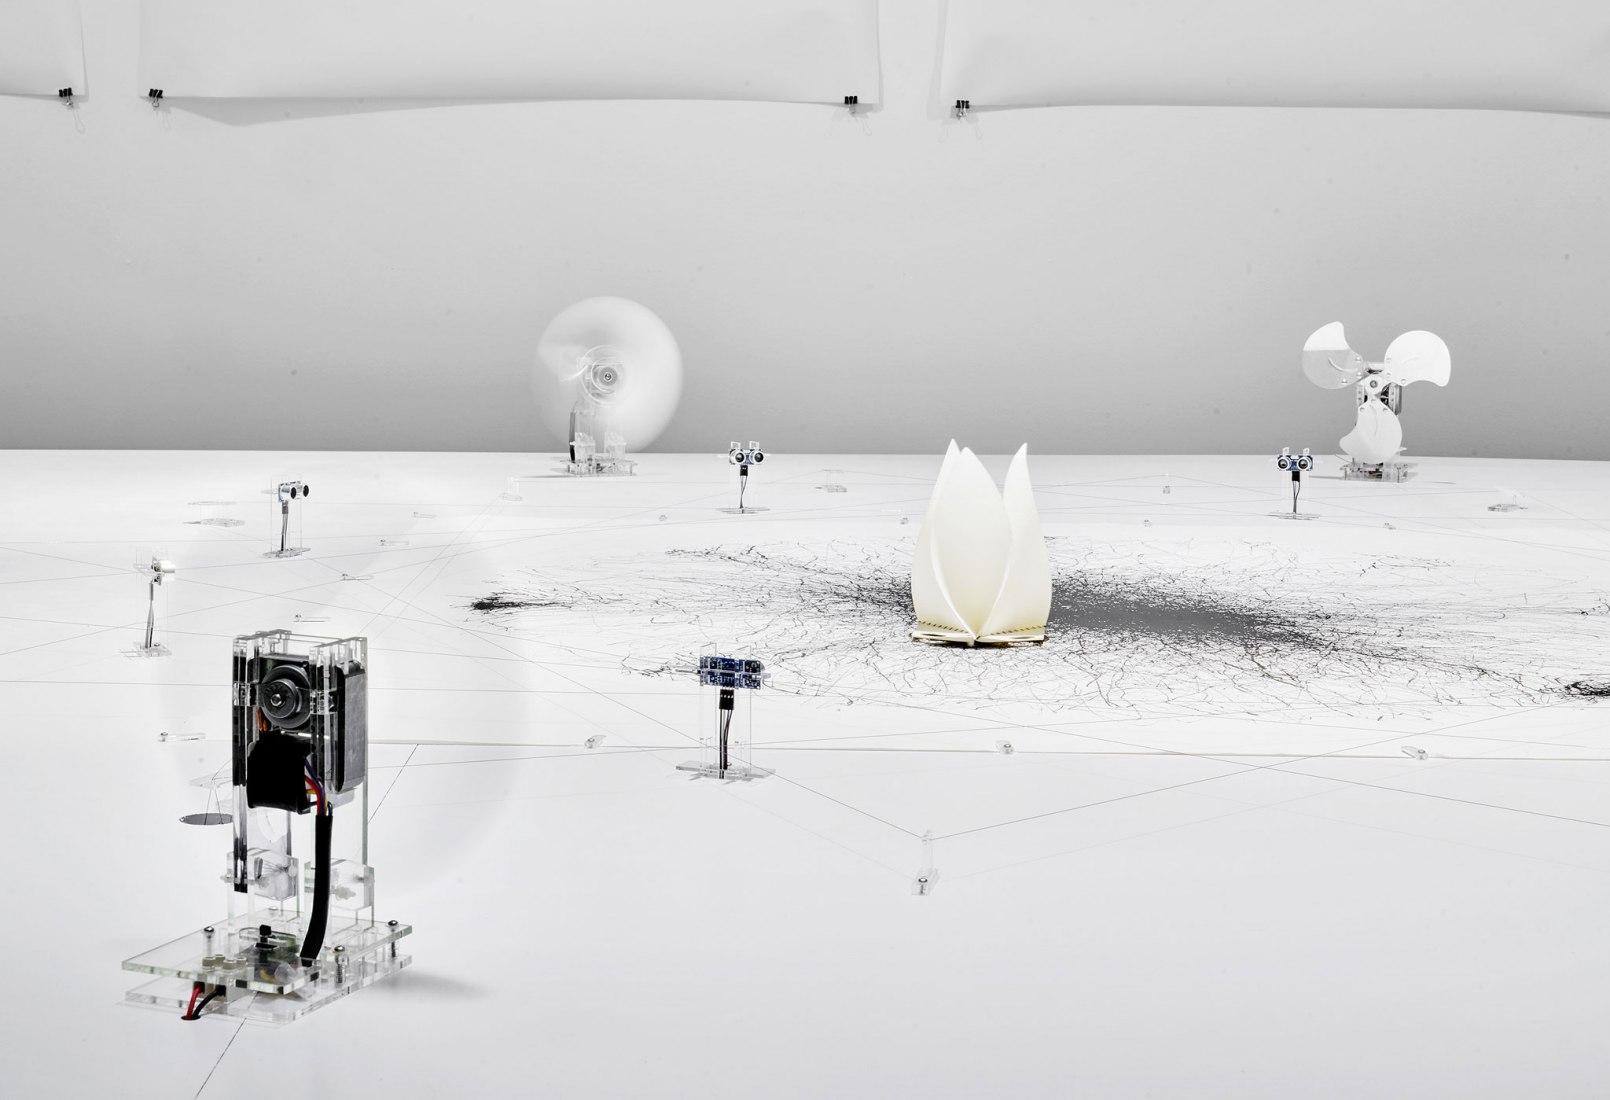 Auto-màtic: una exposición que explora las implicaciones de la automatización en la arquitectura. Auto-màtic ©Fotografía por Jose Hevia